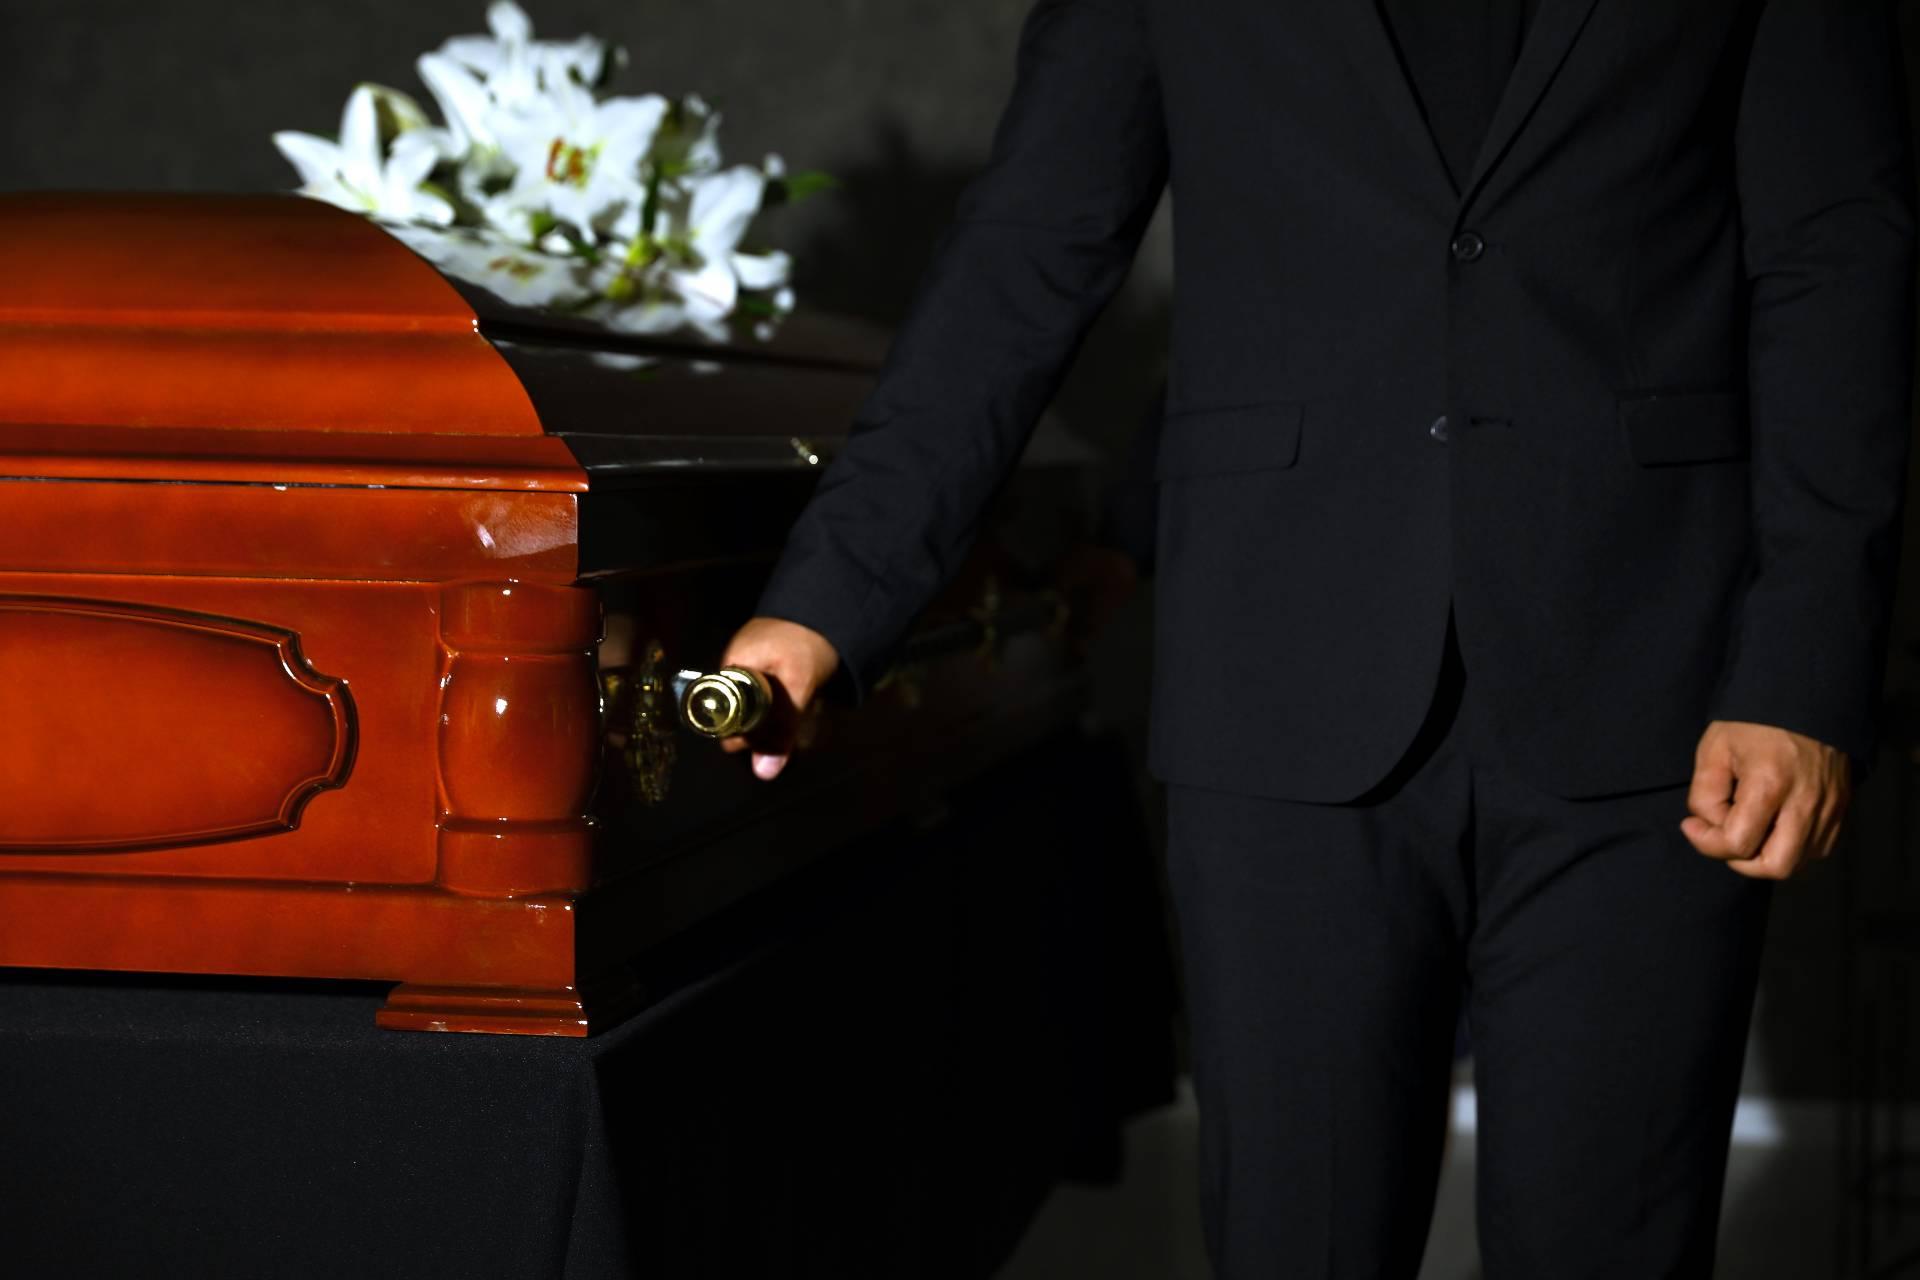 Работник похоронного бюро ответил на самые каверзные вопросы, которые вы постеснялись бы спросить